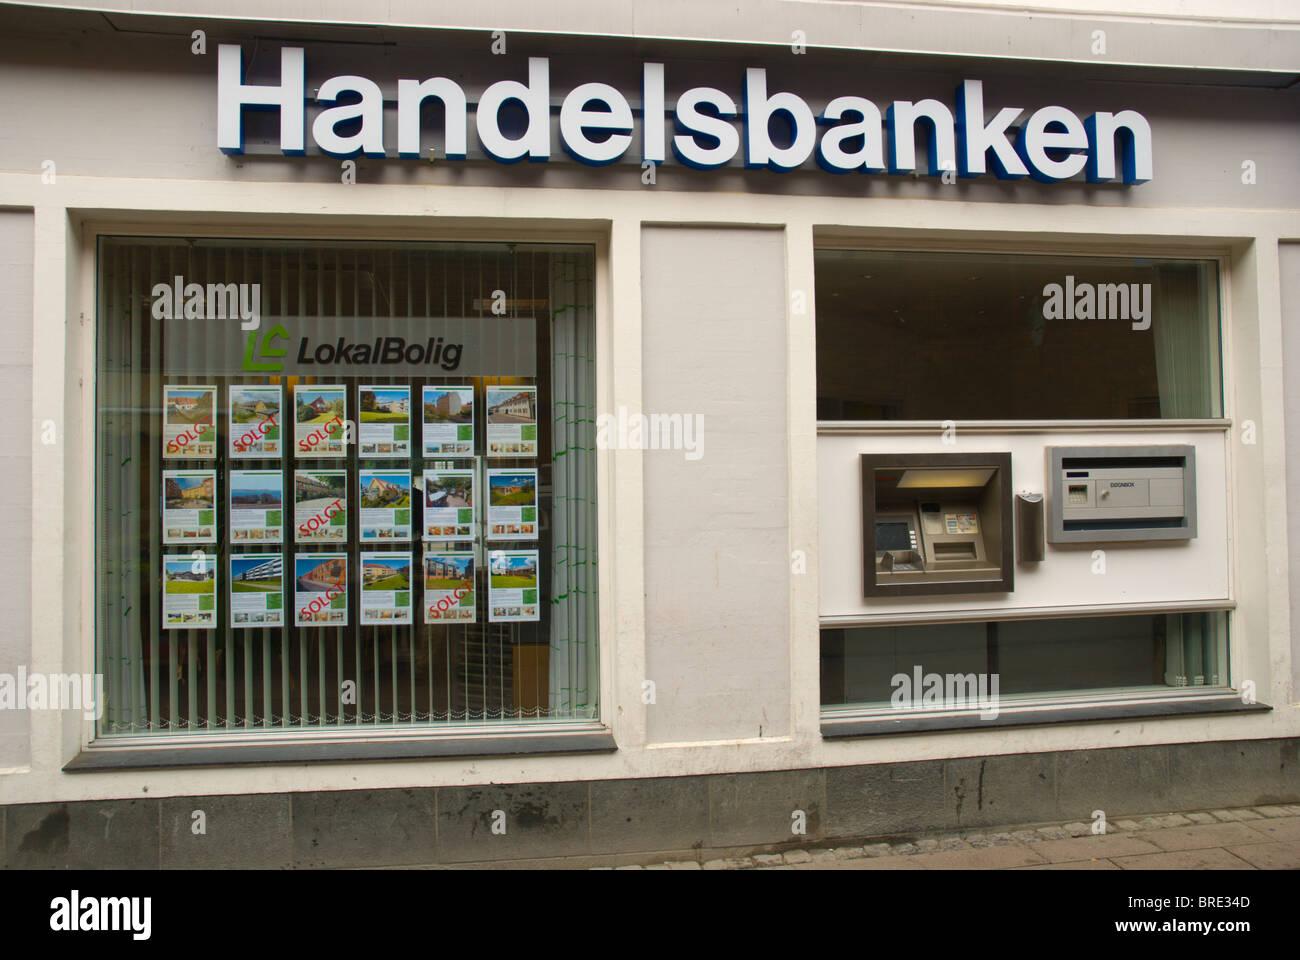 Handelsbanken bank branch Helsingor north Sjaelland Denmark Europe - Stock Image